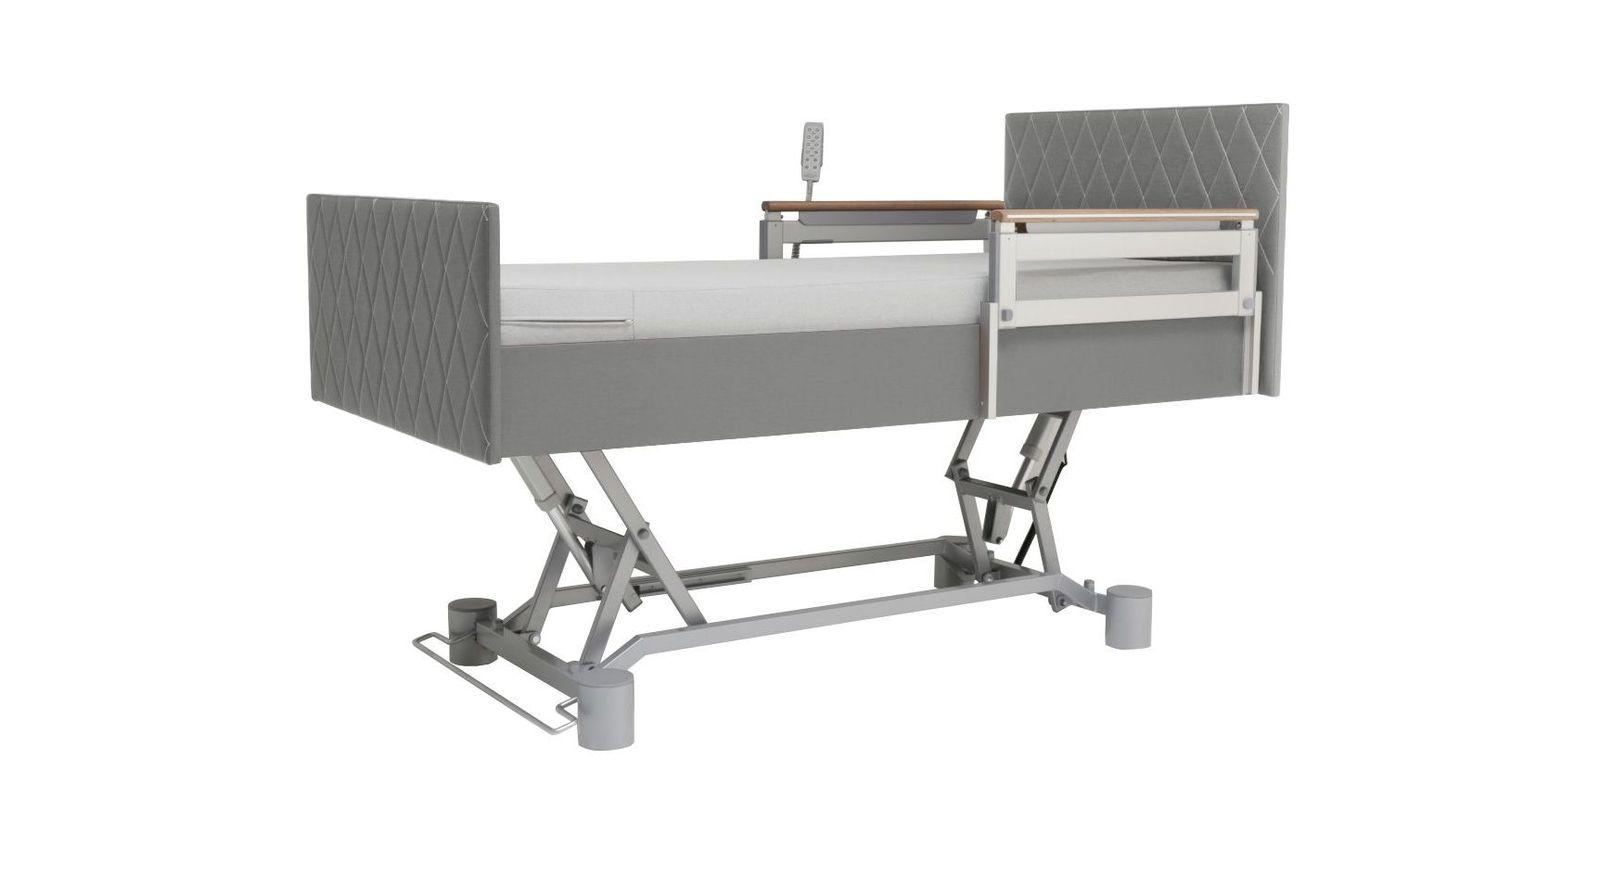 Komfortbett mit Pflegebett-Funktion mit praktischer Verstellung